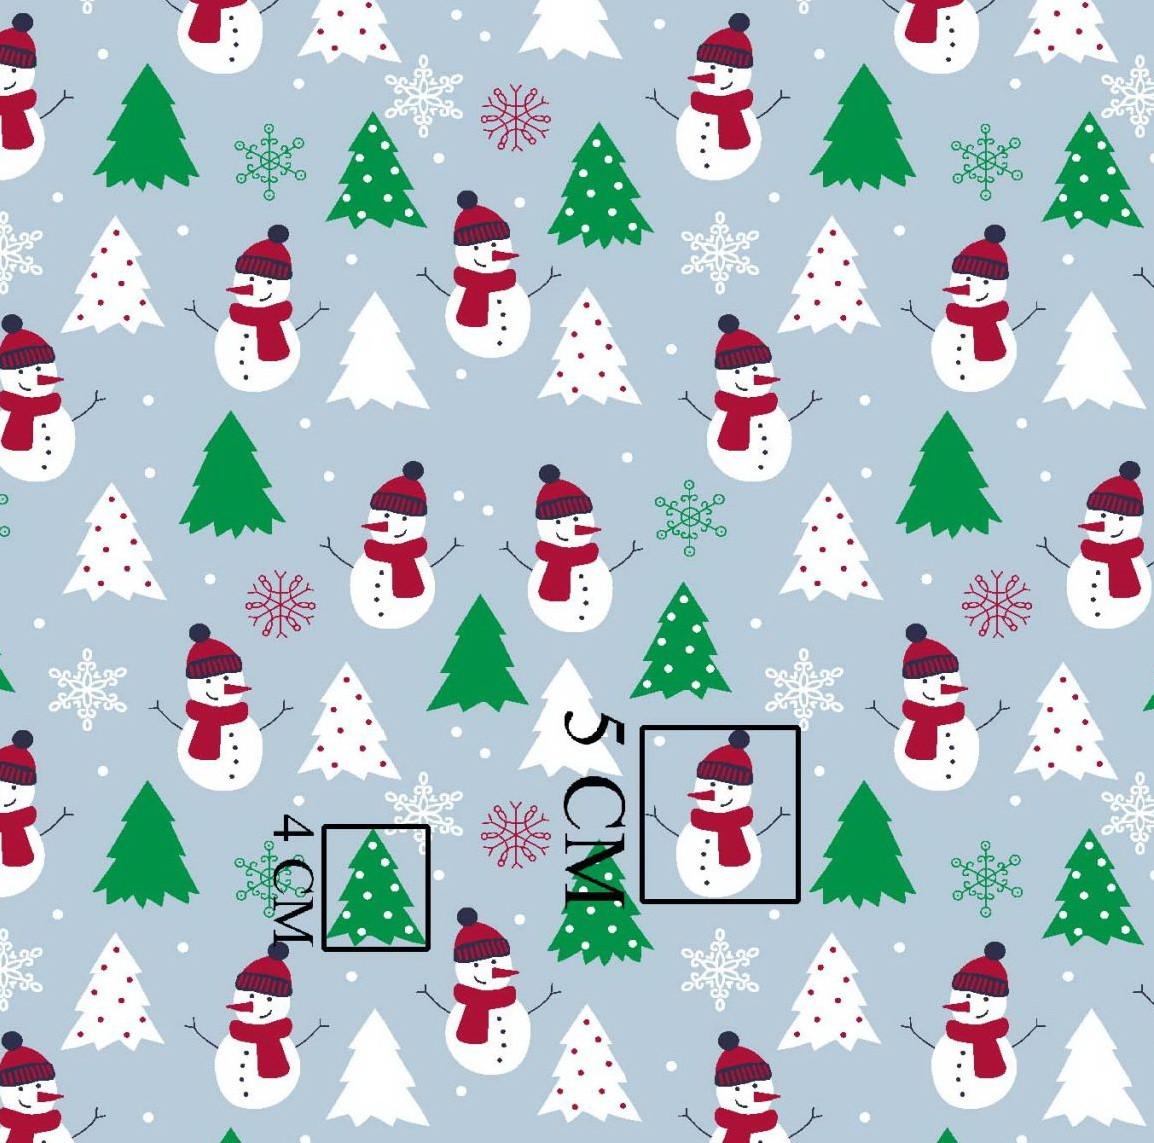 НОВОГОДНЯЯ хлопковая ткань польская снеговики с зелеными елками на серо-голубом №278